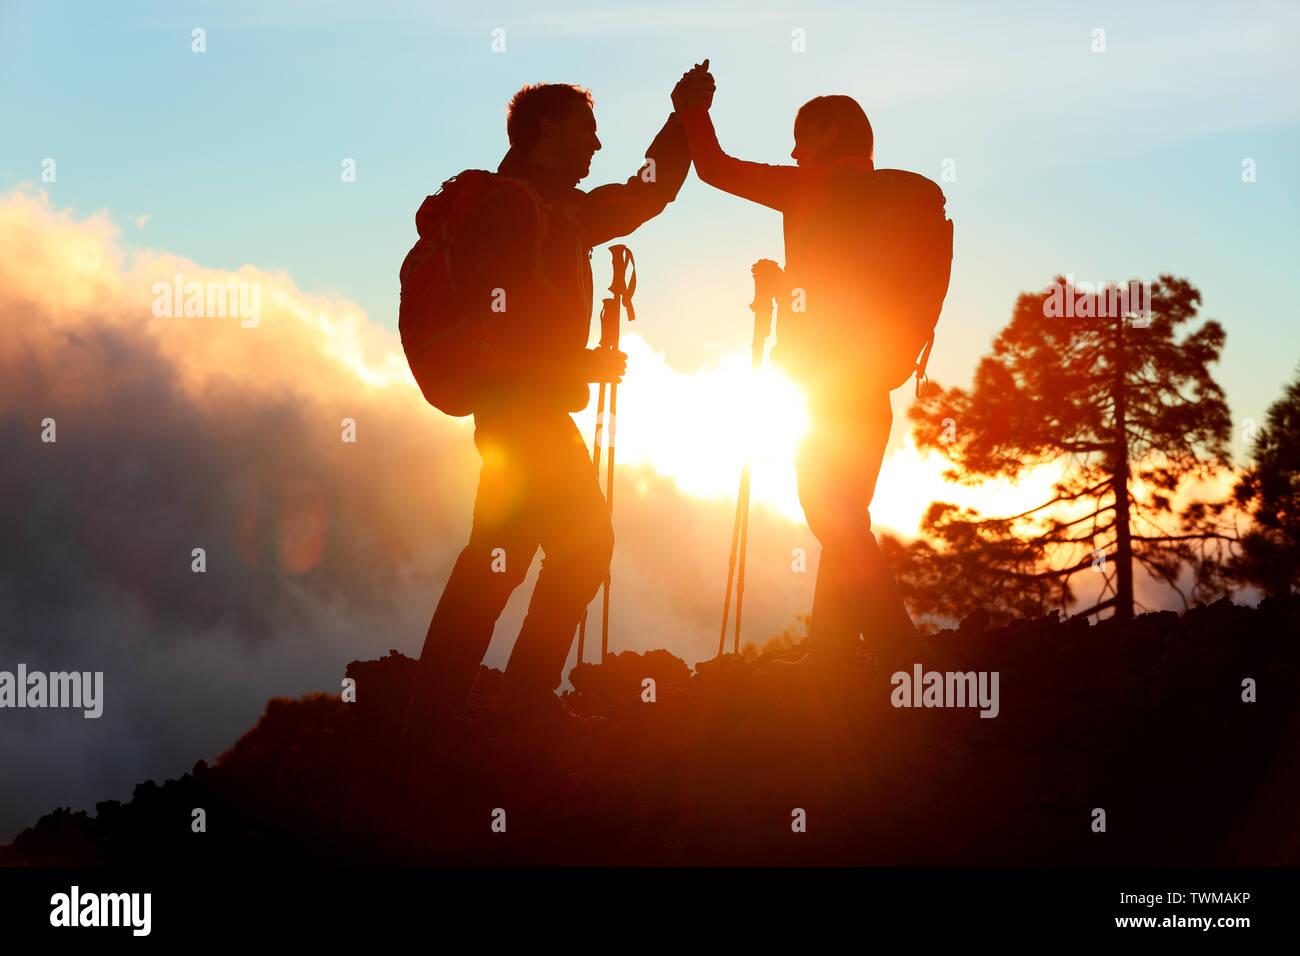 Wandern Menschen erreichen Gipfel top hoch fünf am Berg oben bei Sonnenuntergang. Happy Wanderer paar Silhouette. Erfolg, Leistung und Erfolg Menschen Stockfoto